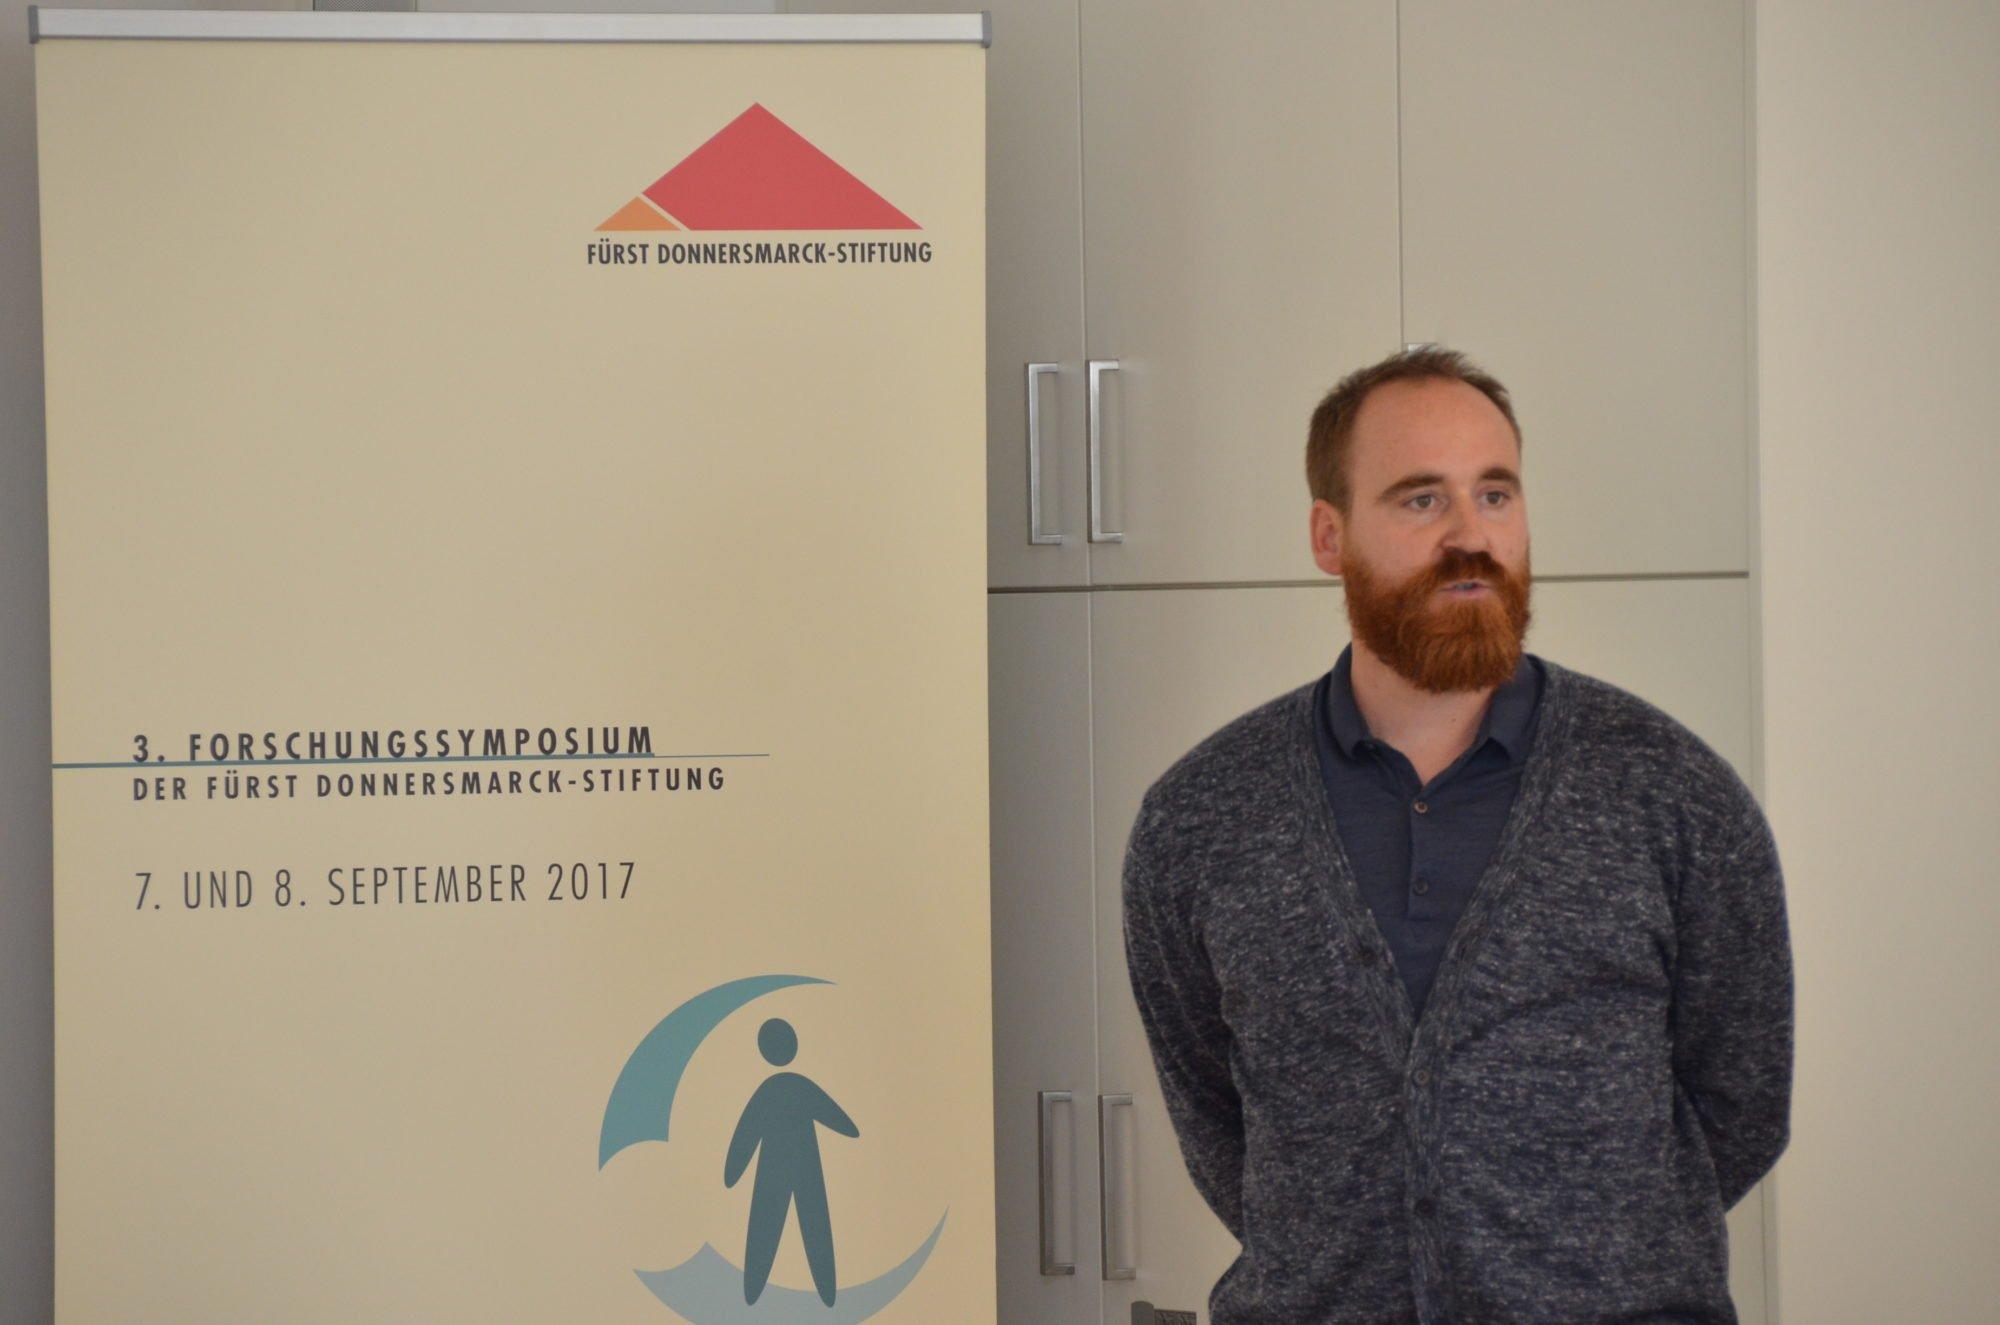 """Christian Schlenstedt steht vor einem Banner """"3. Forschungssymposium der Fürst Donnersmarck-Stiftung 7. und 8. September 2017"""". Er trägt einen grauen Strickpullover und hat die Arme hinter dem Rücken verschränkt."""